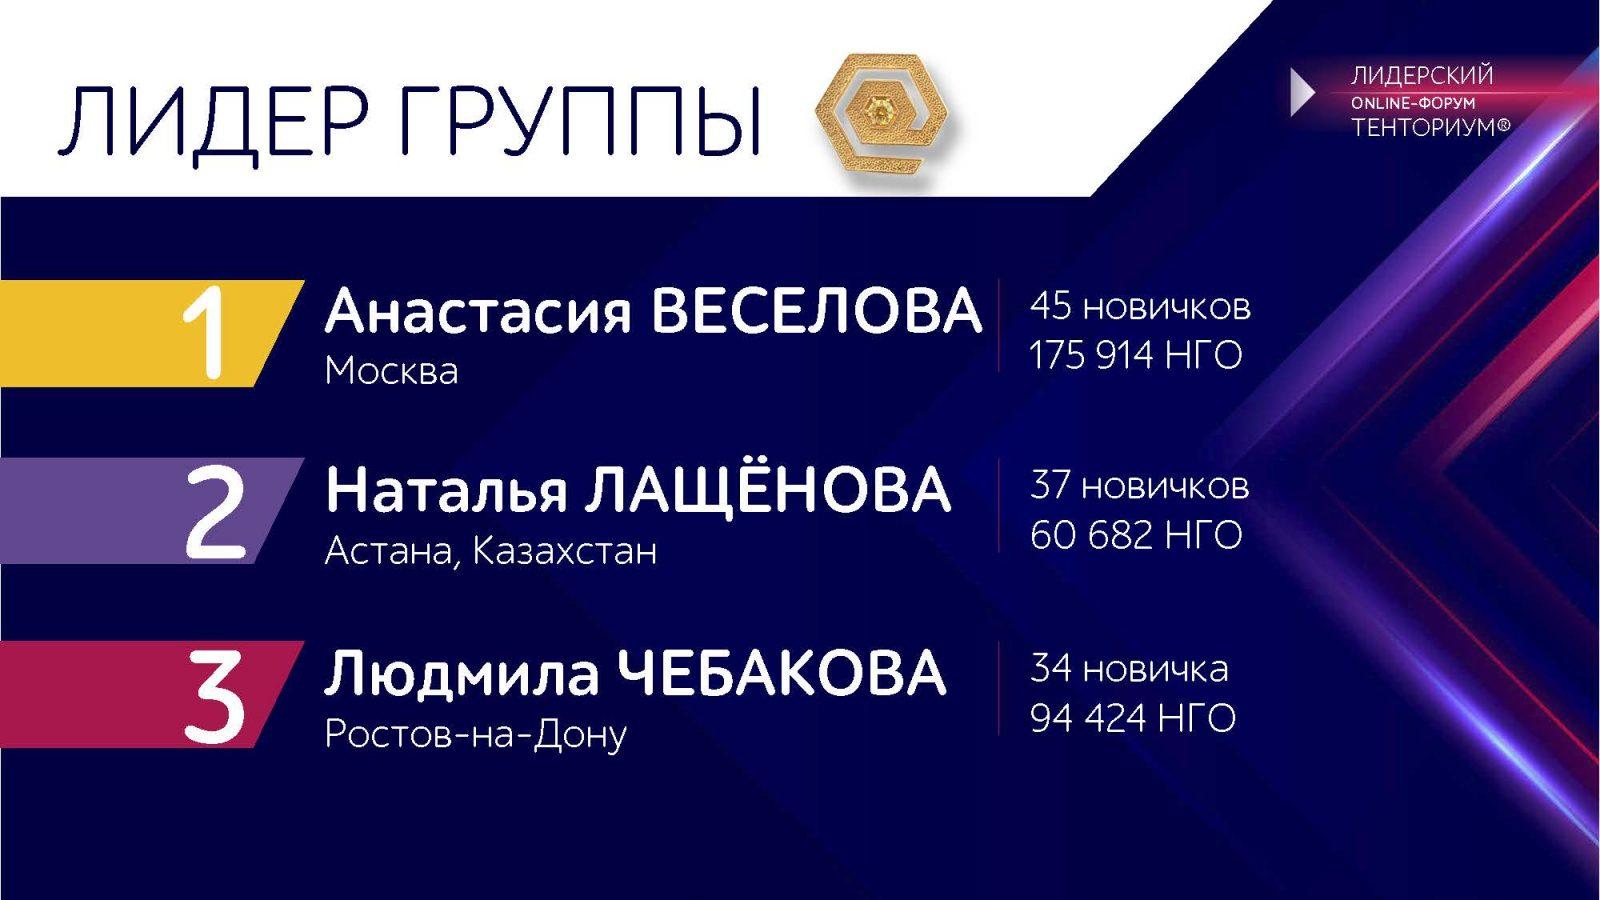 LF-2020-Luchshij-lider-po-komandnomu-podpisaniyu-i-uvelicheniyu-NGO-3_Stranitsa_2